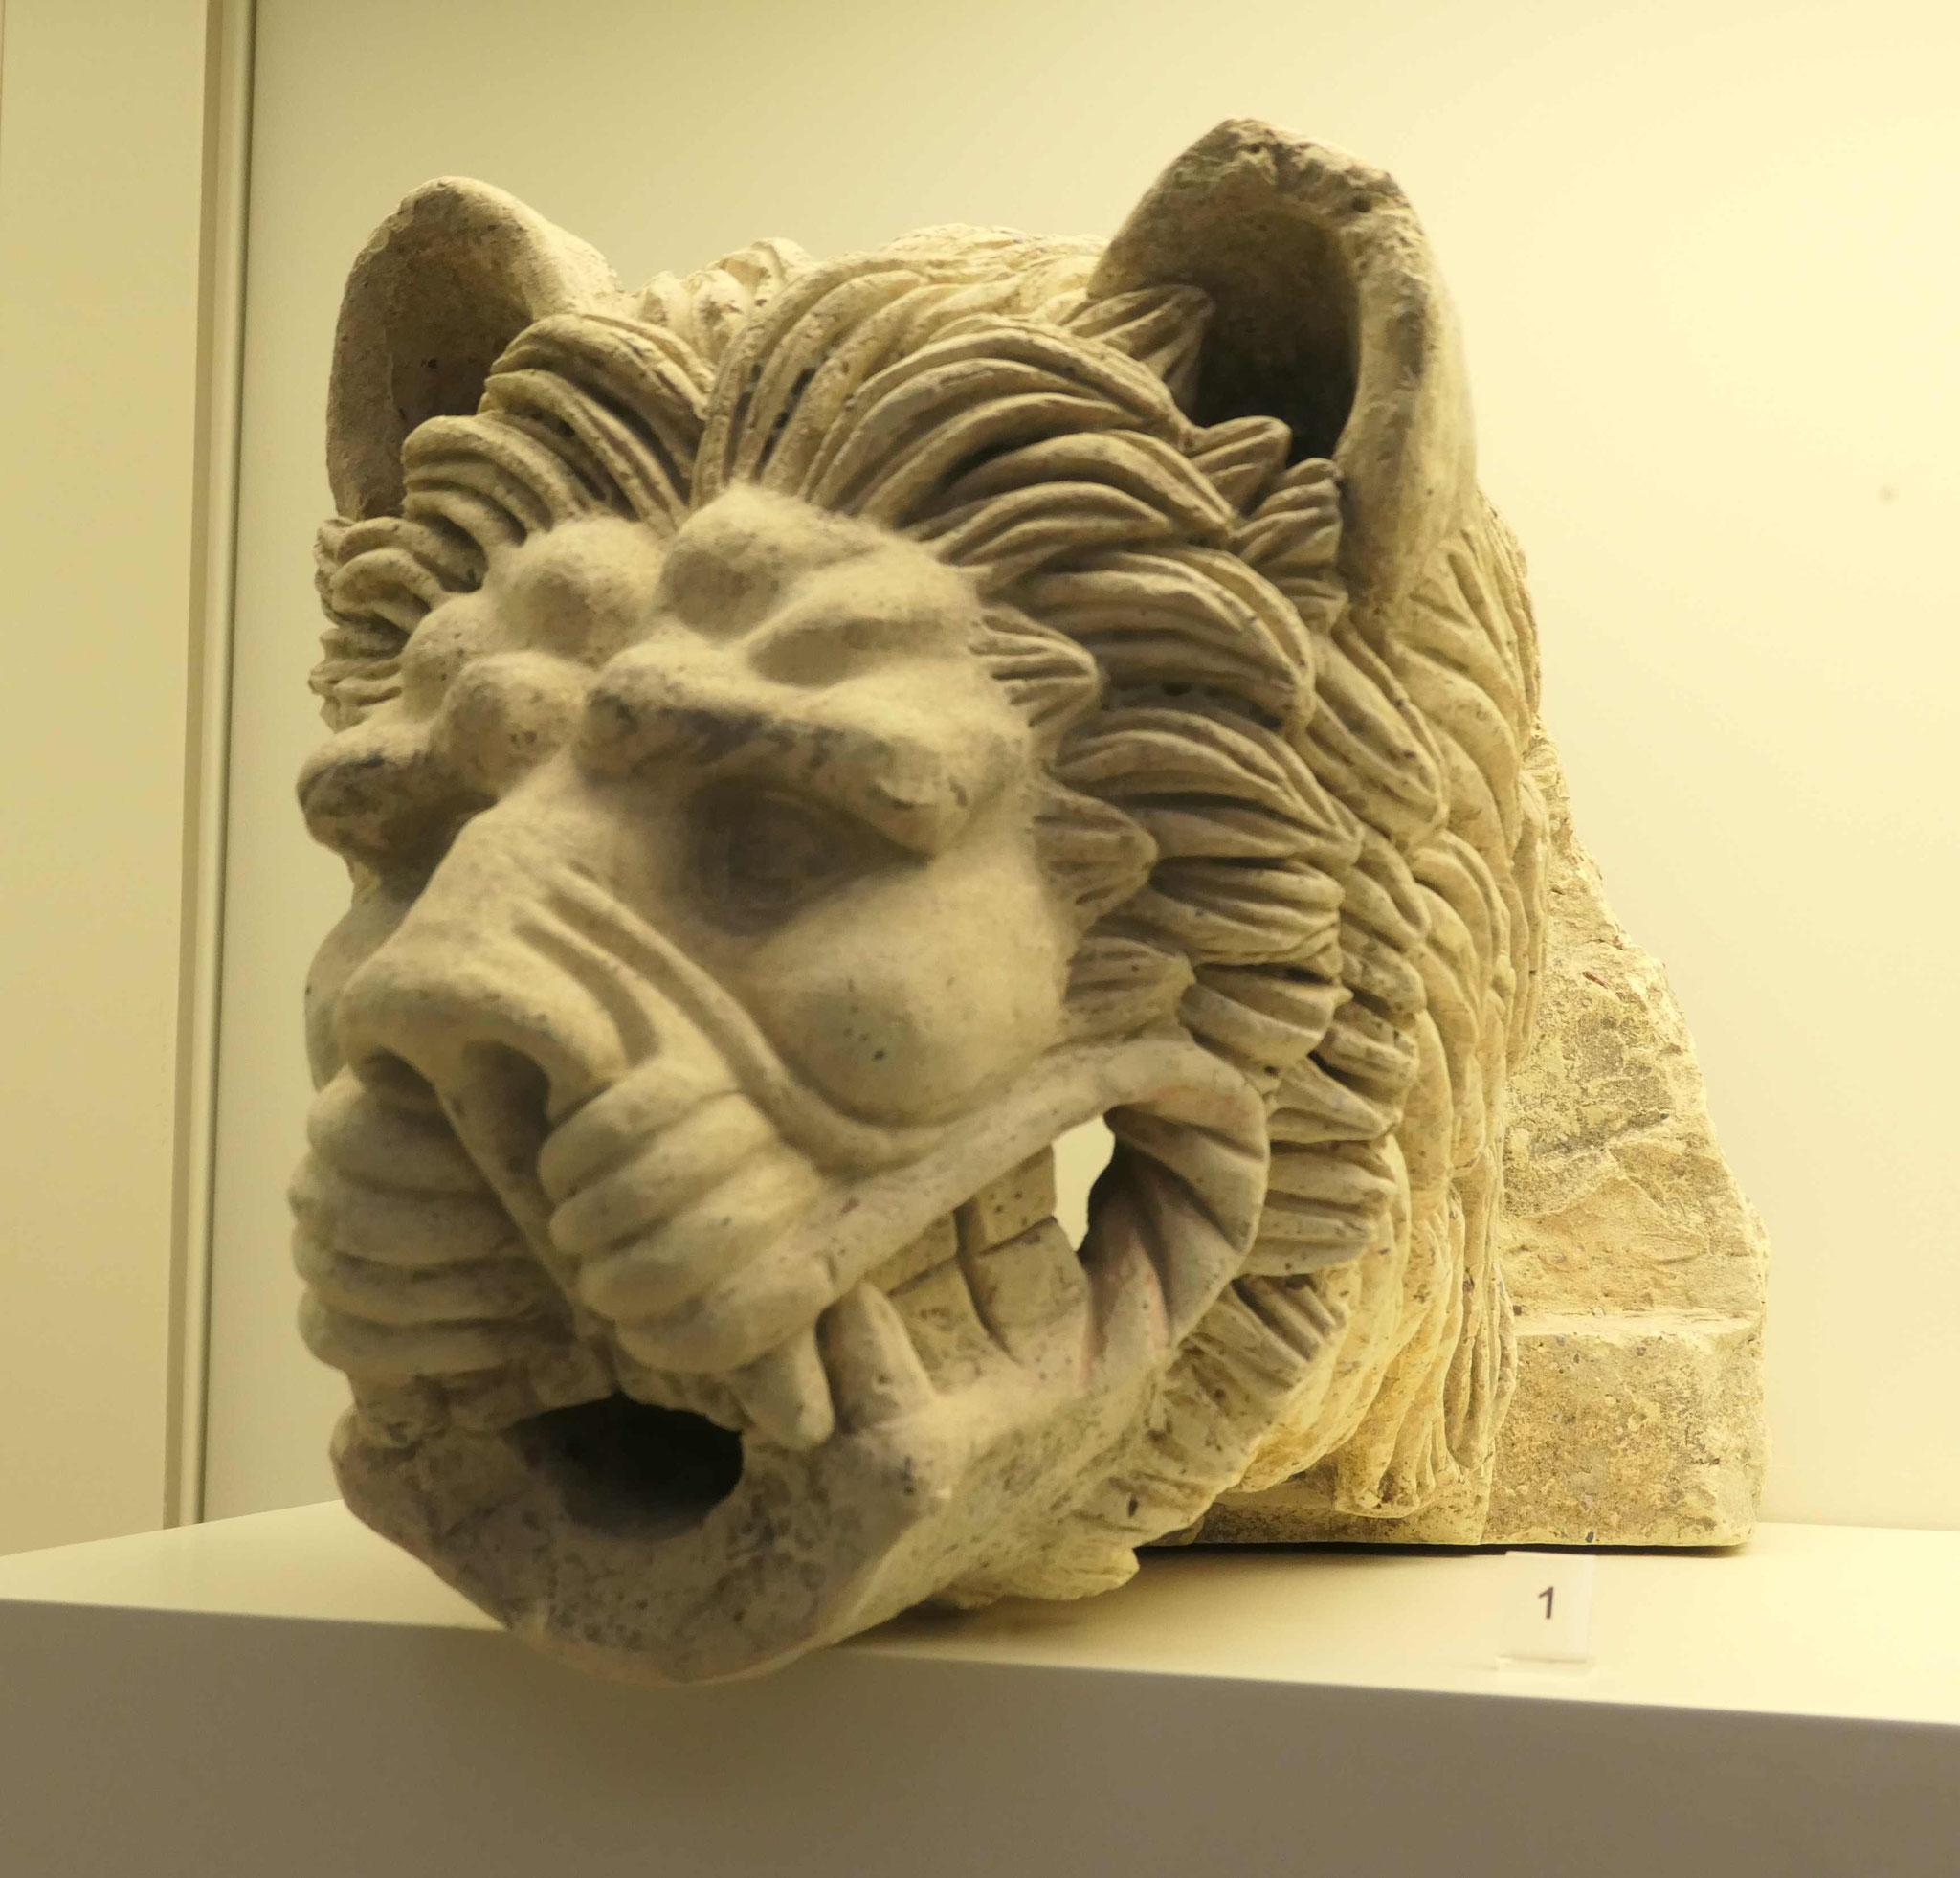 Löwenkopf als Wasserspeier im Akropolismuseum, Athen